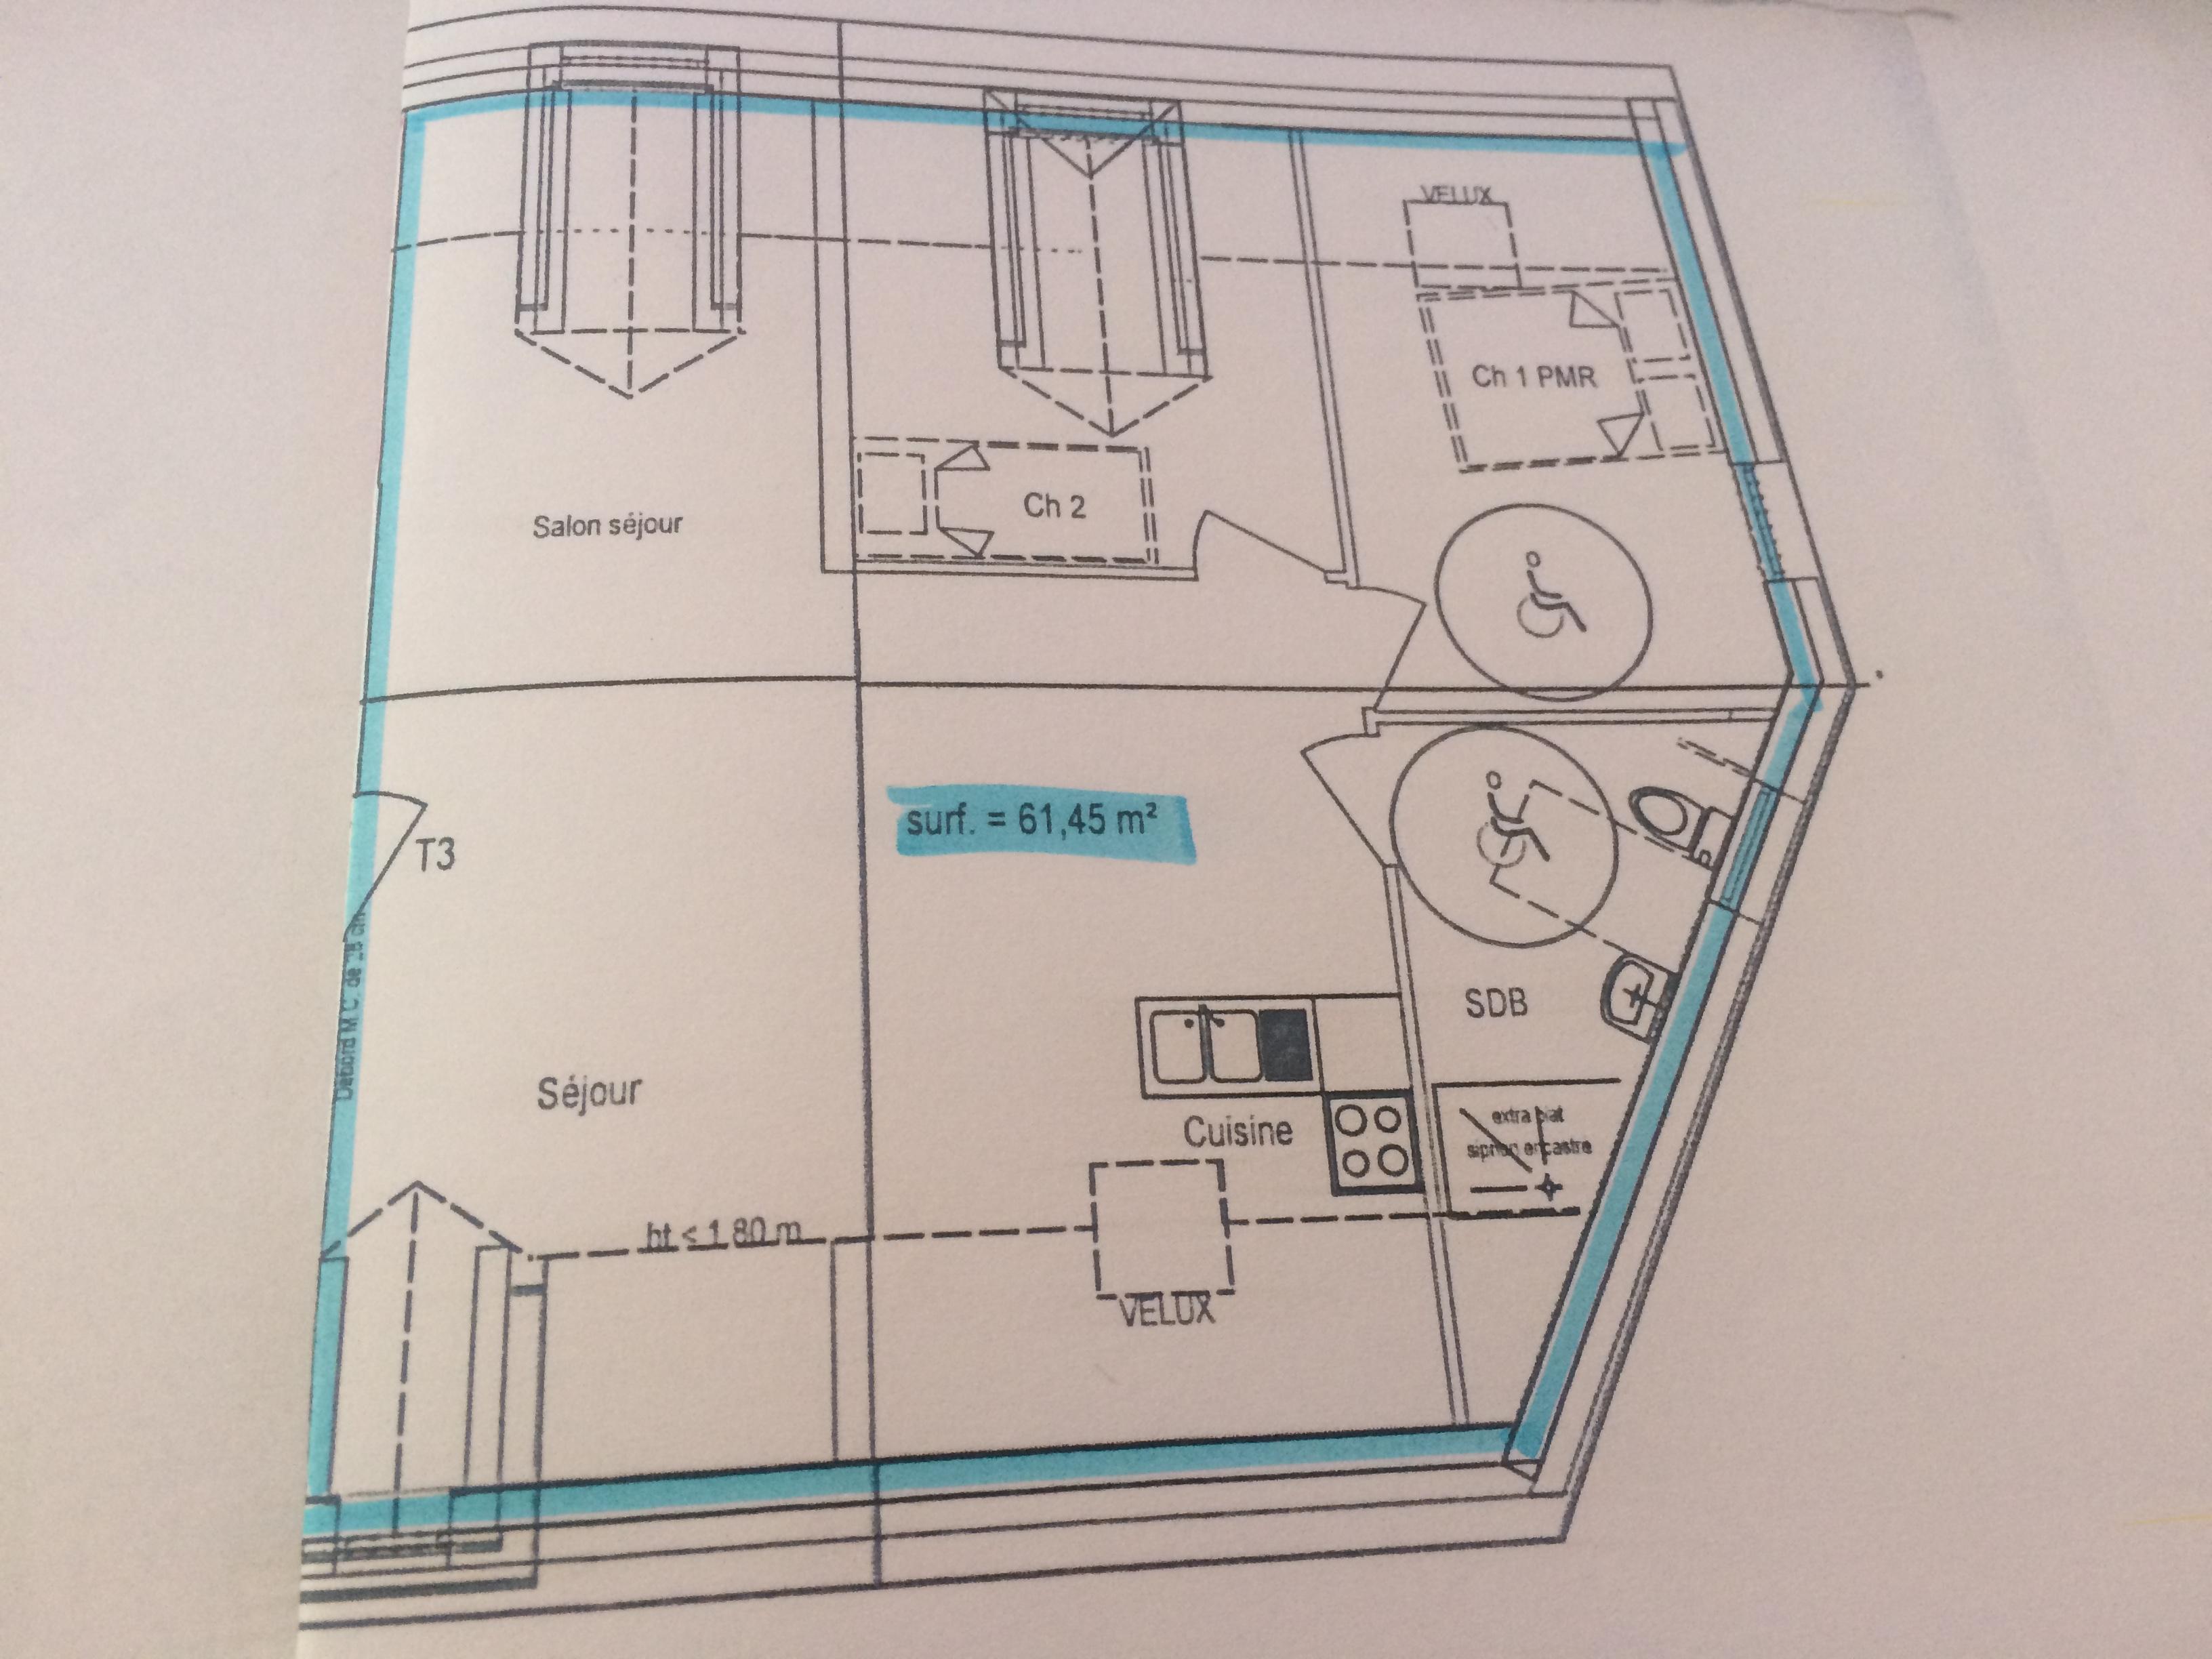 A2g gestion et transaction immobili re biens immobiliers for Transaction immobiliere